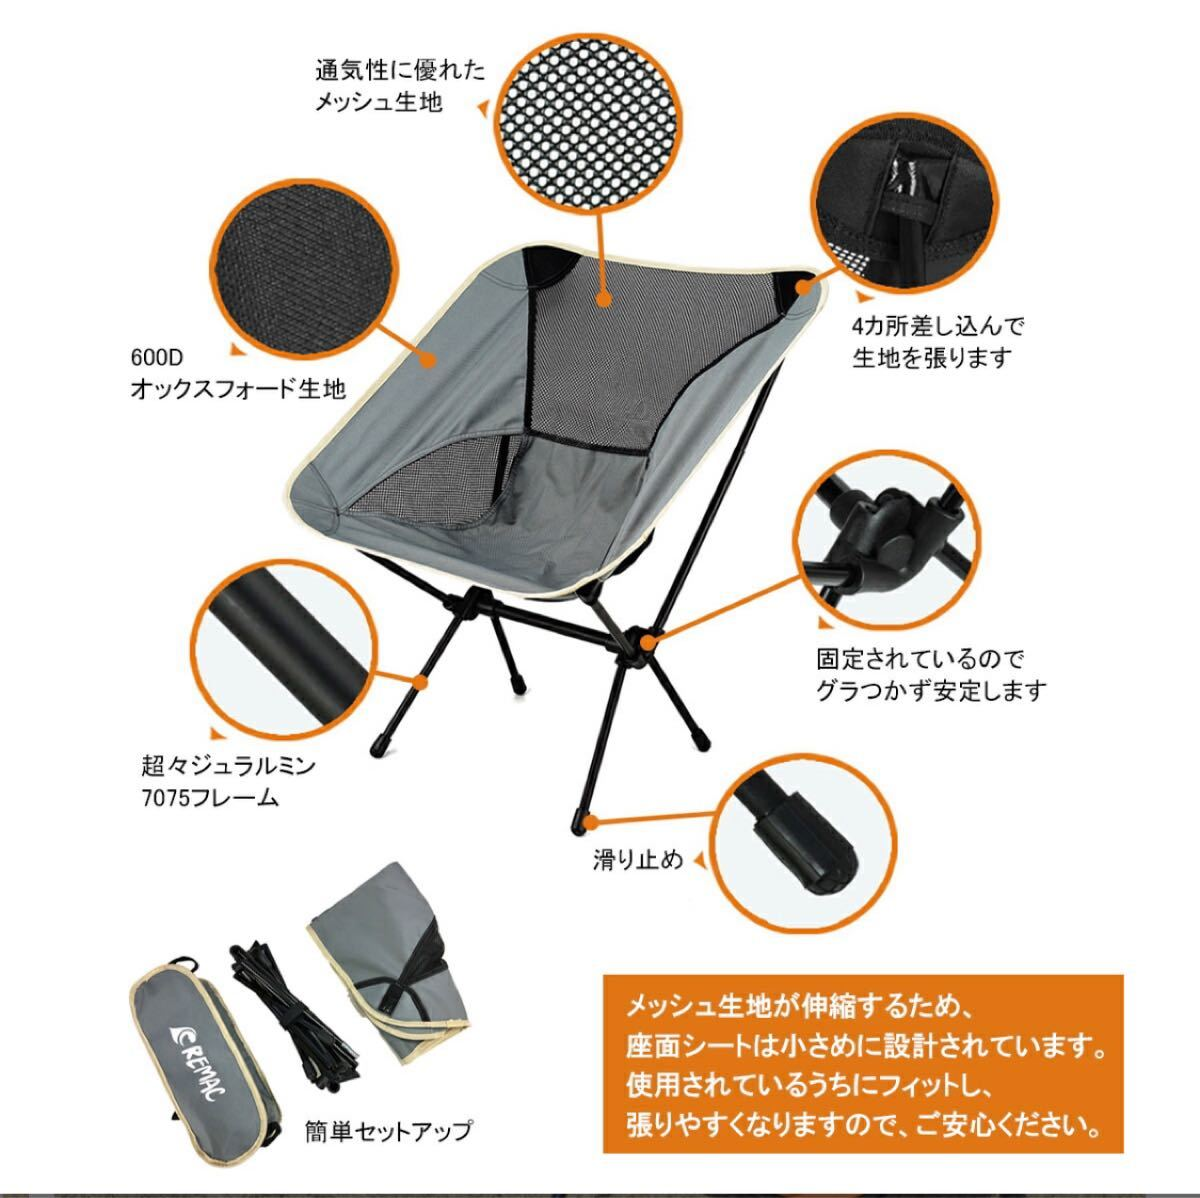 【4個セット】新品 らくらく持ち運び アウトドアチェア 折りたたみ キャンプ椅子